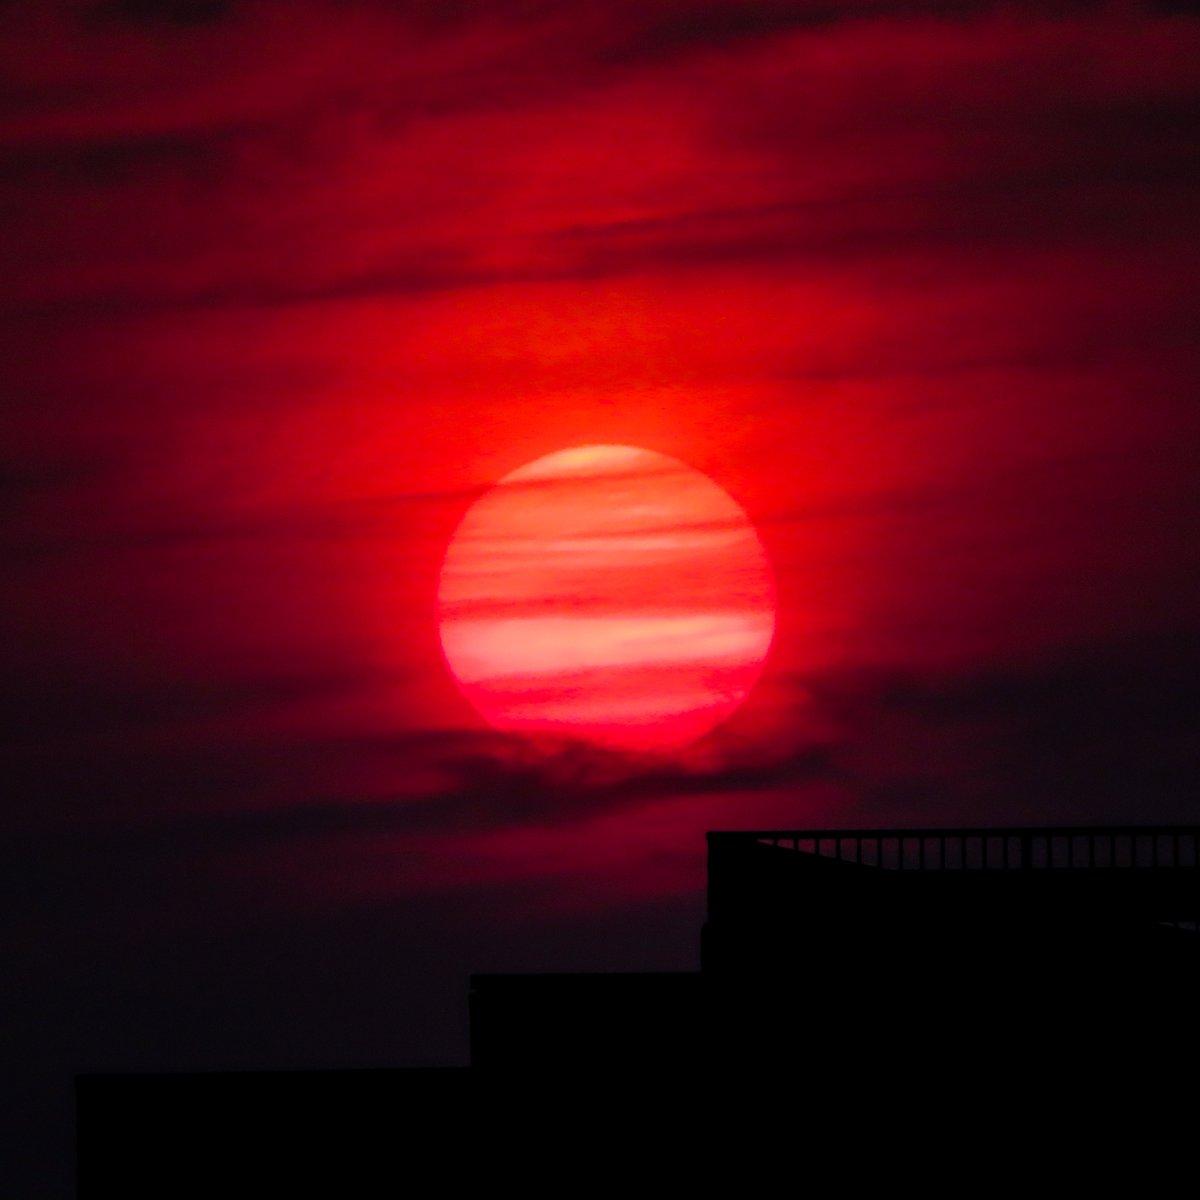 #morning  #glow  #sky  #cloud  #sun  #sunrise